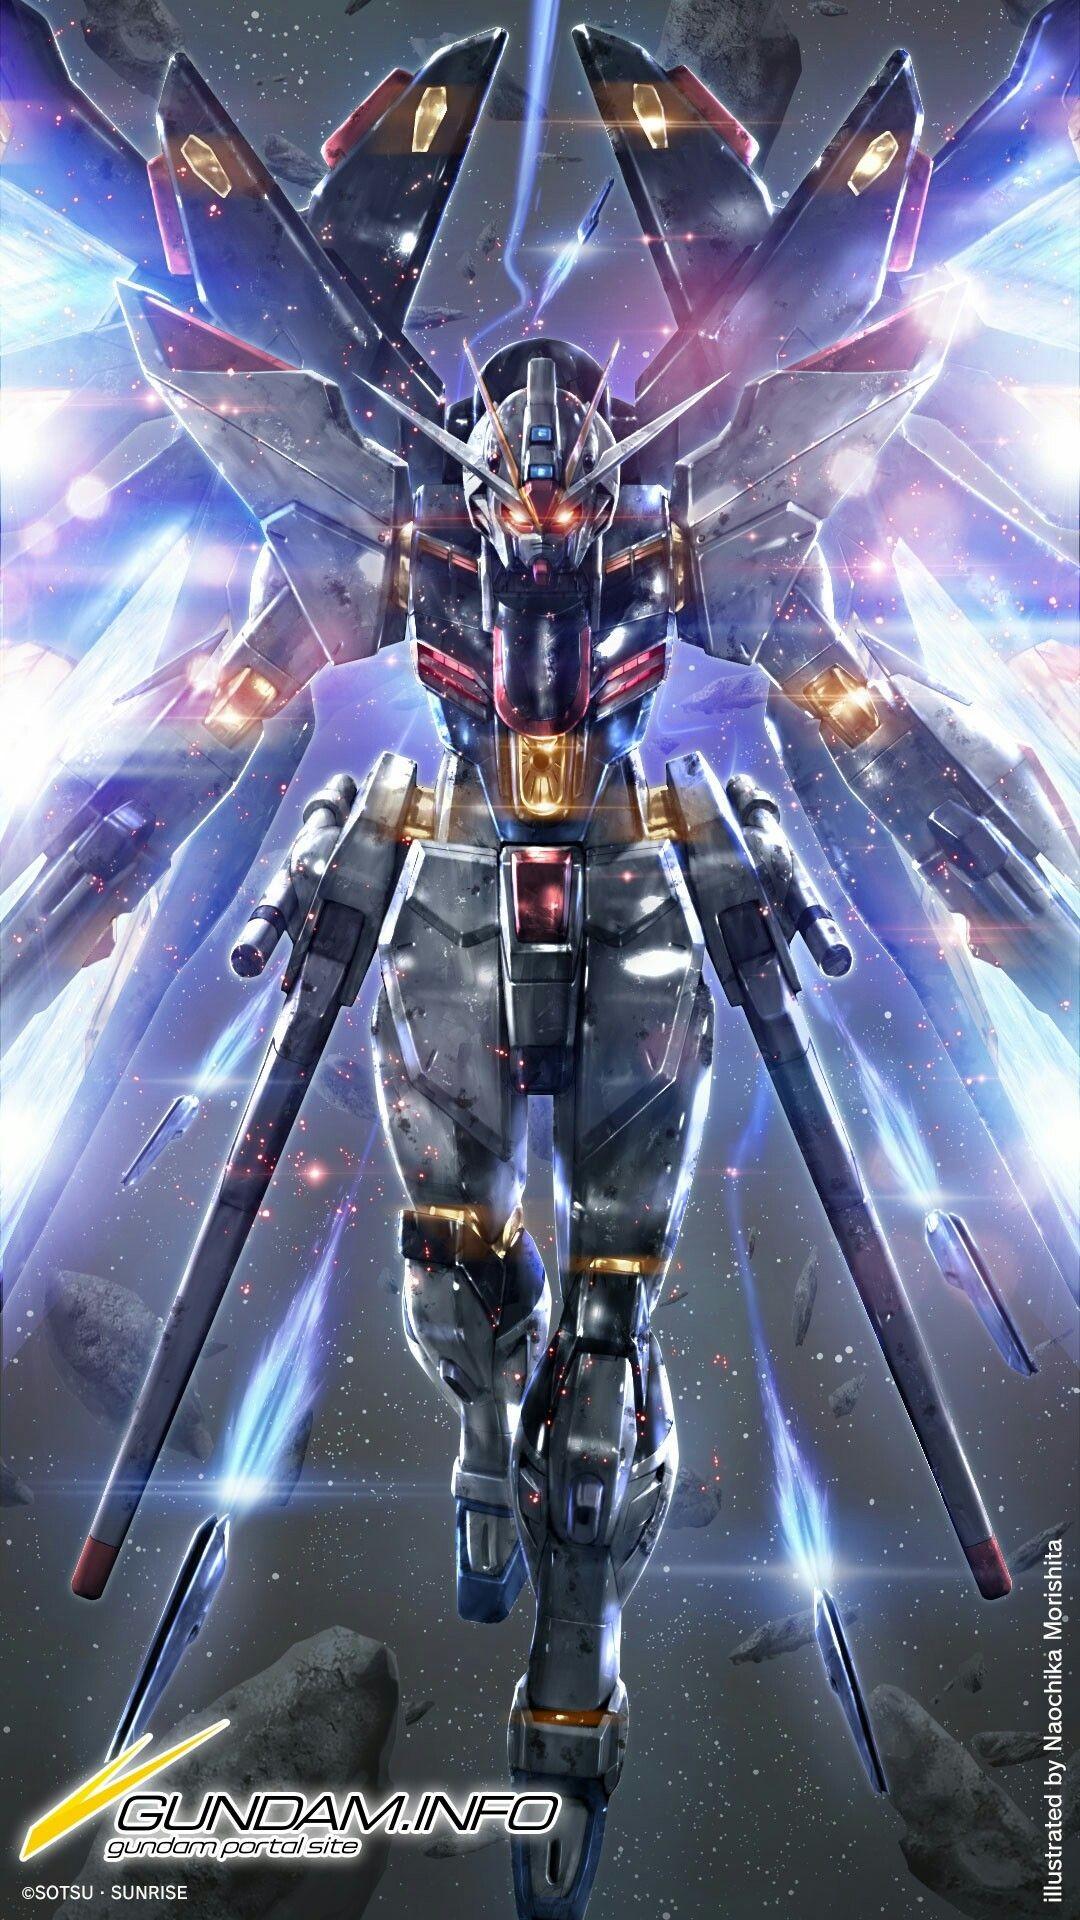 Gundam hd wallpaper 0083 63 images - Gundam wallpaper hd ...